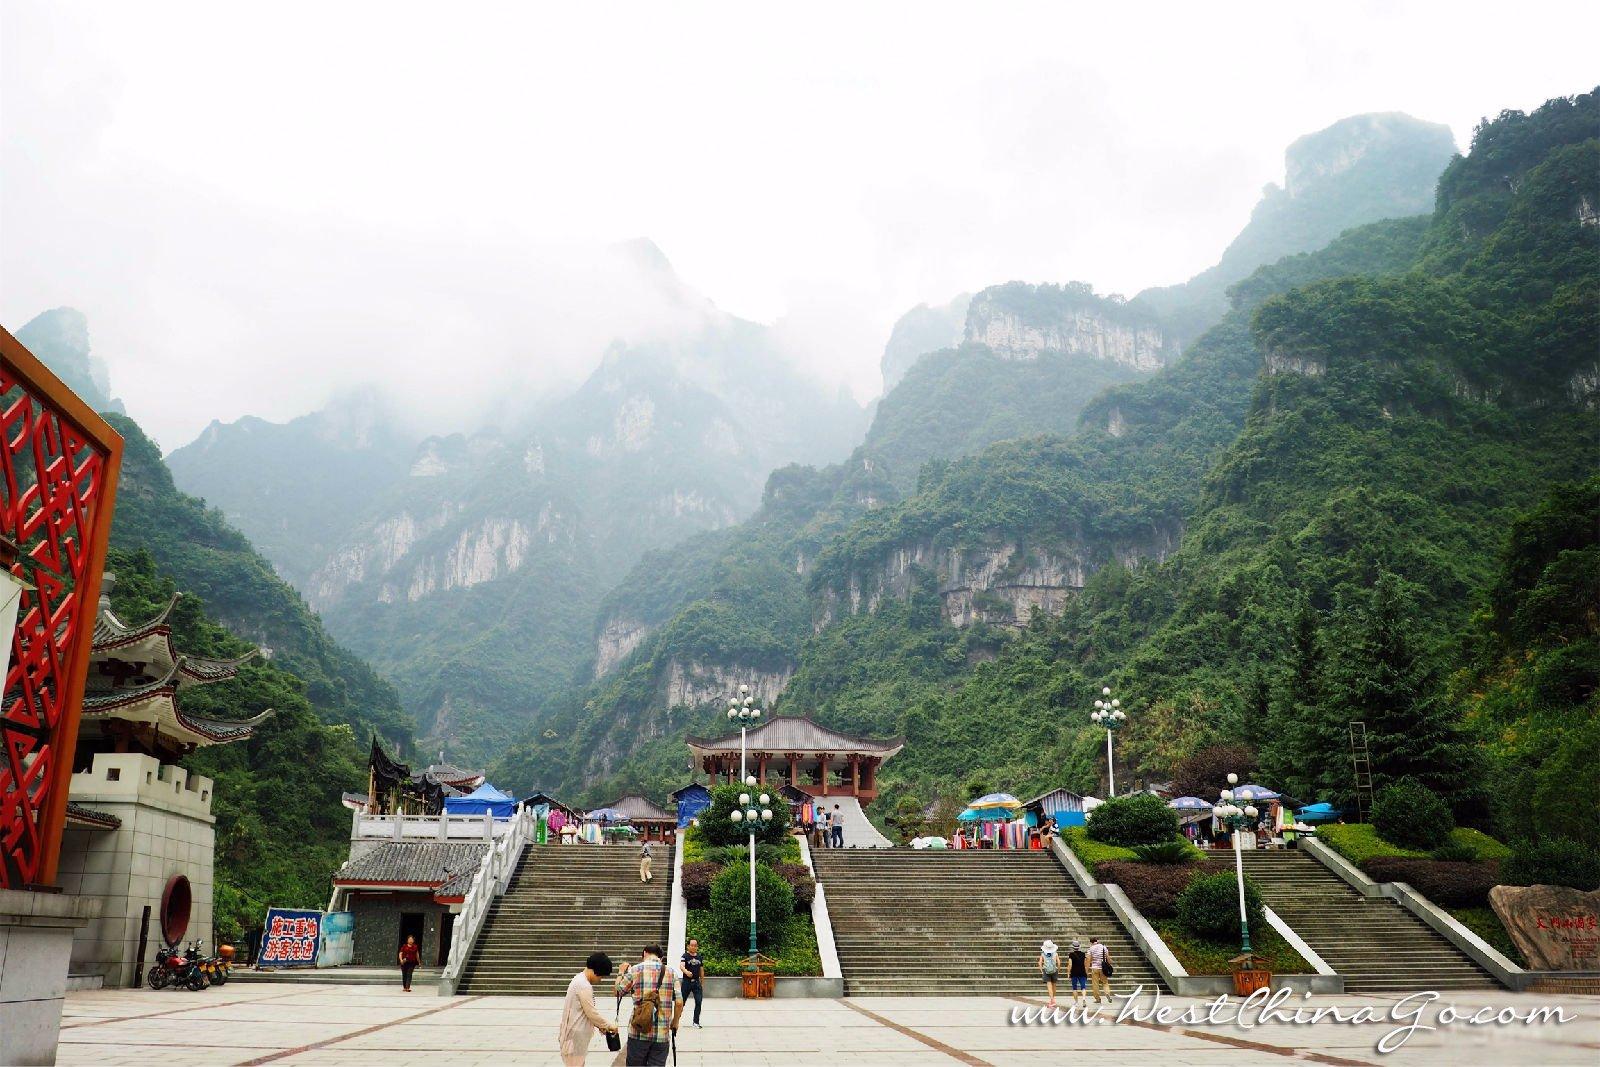 1Day Mount HuaShan Tour from Xi'an